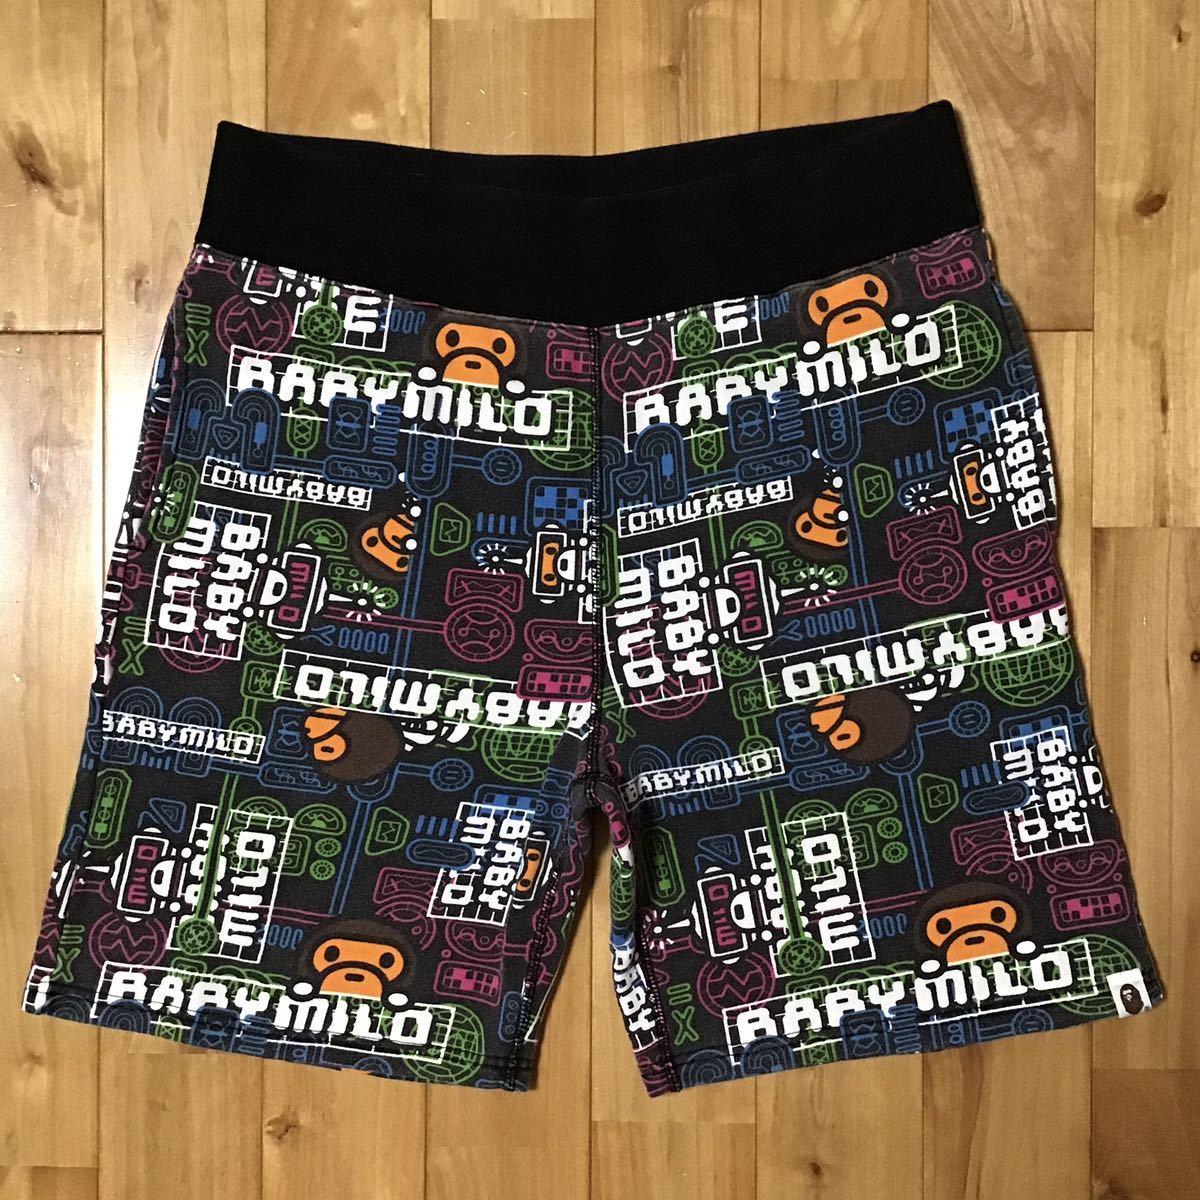 マイロ スウェット ハーフパンツ Lサイズ a bathing ape bape sweat shorts milo エイプ ベイプ アベイシングエイプ ショーツ 74k